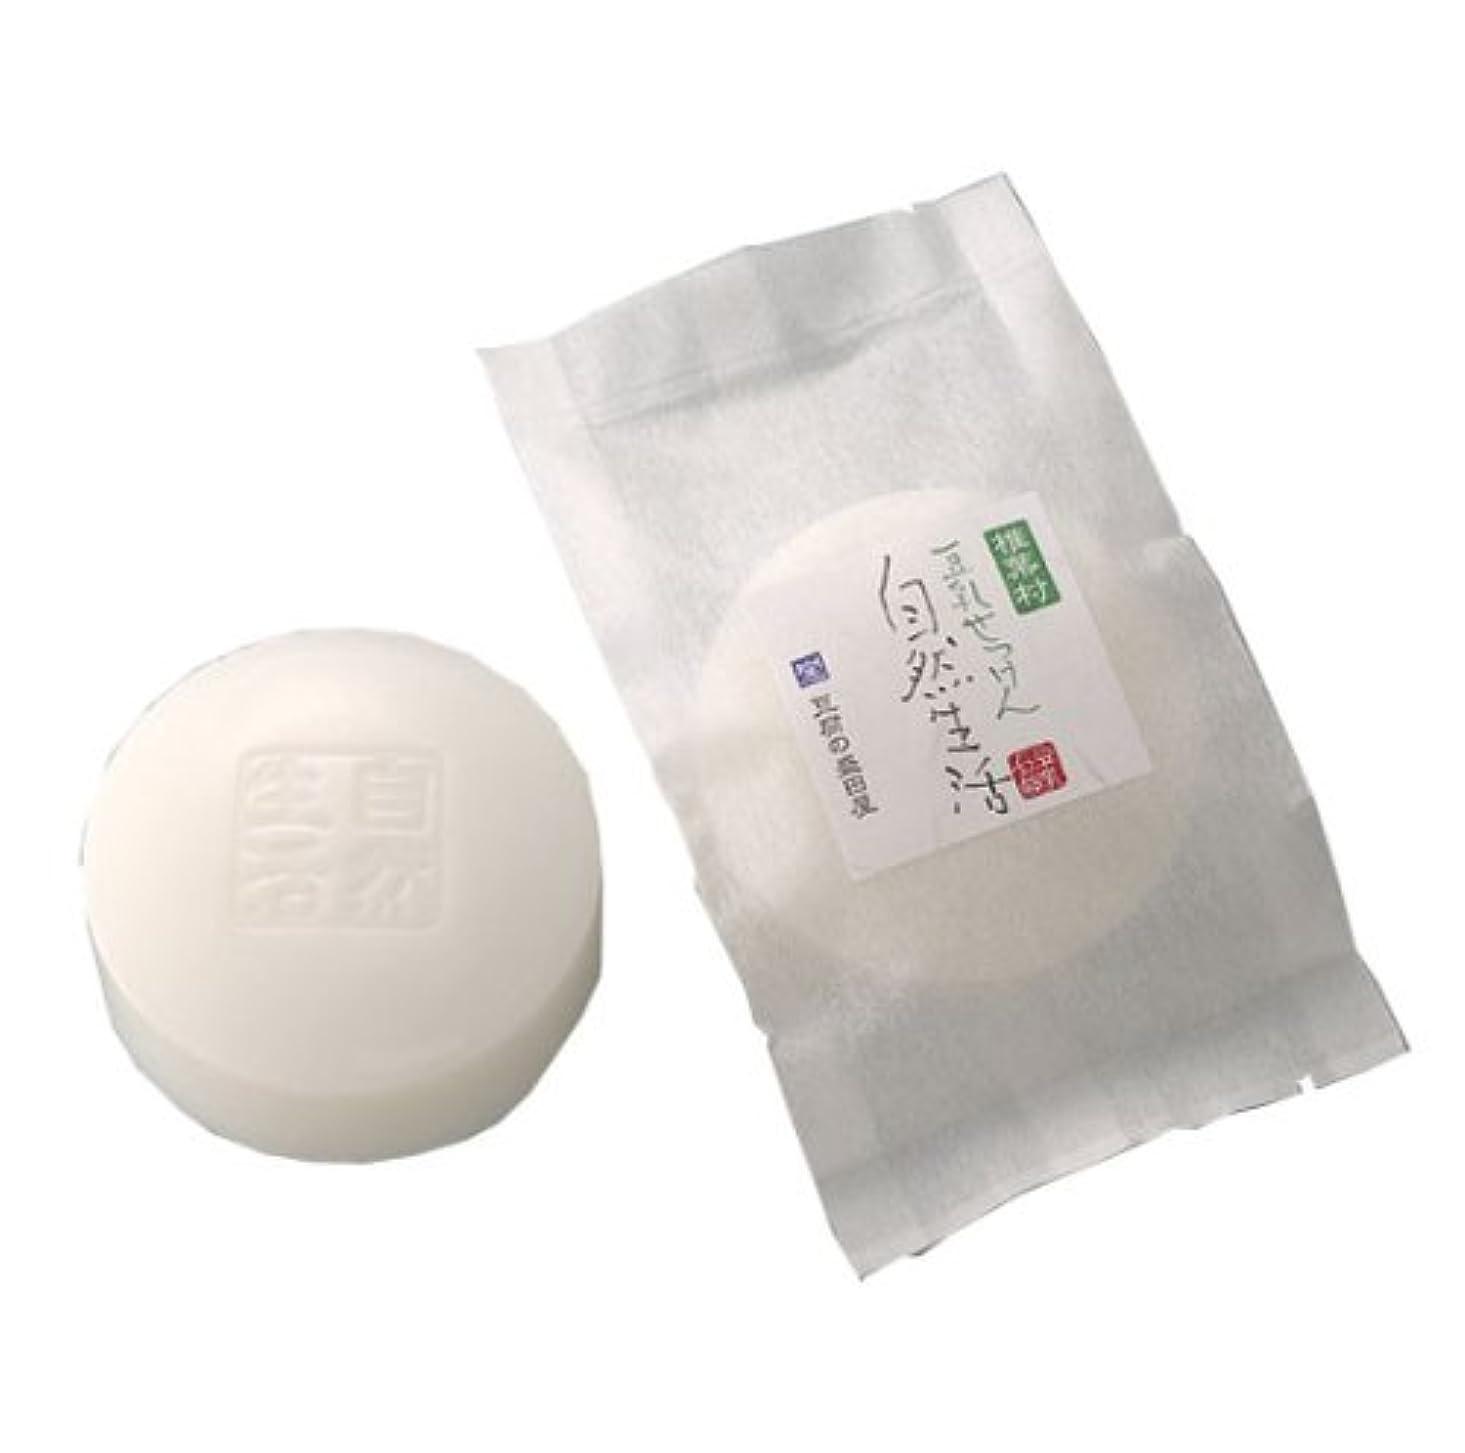 印をつける微生物食品豆腐の盛田屋 豆乳せっけん 100g